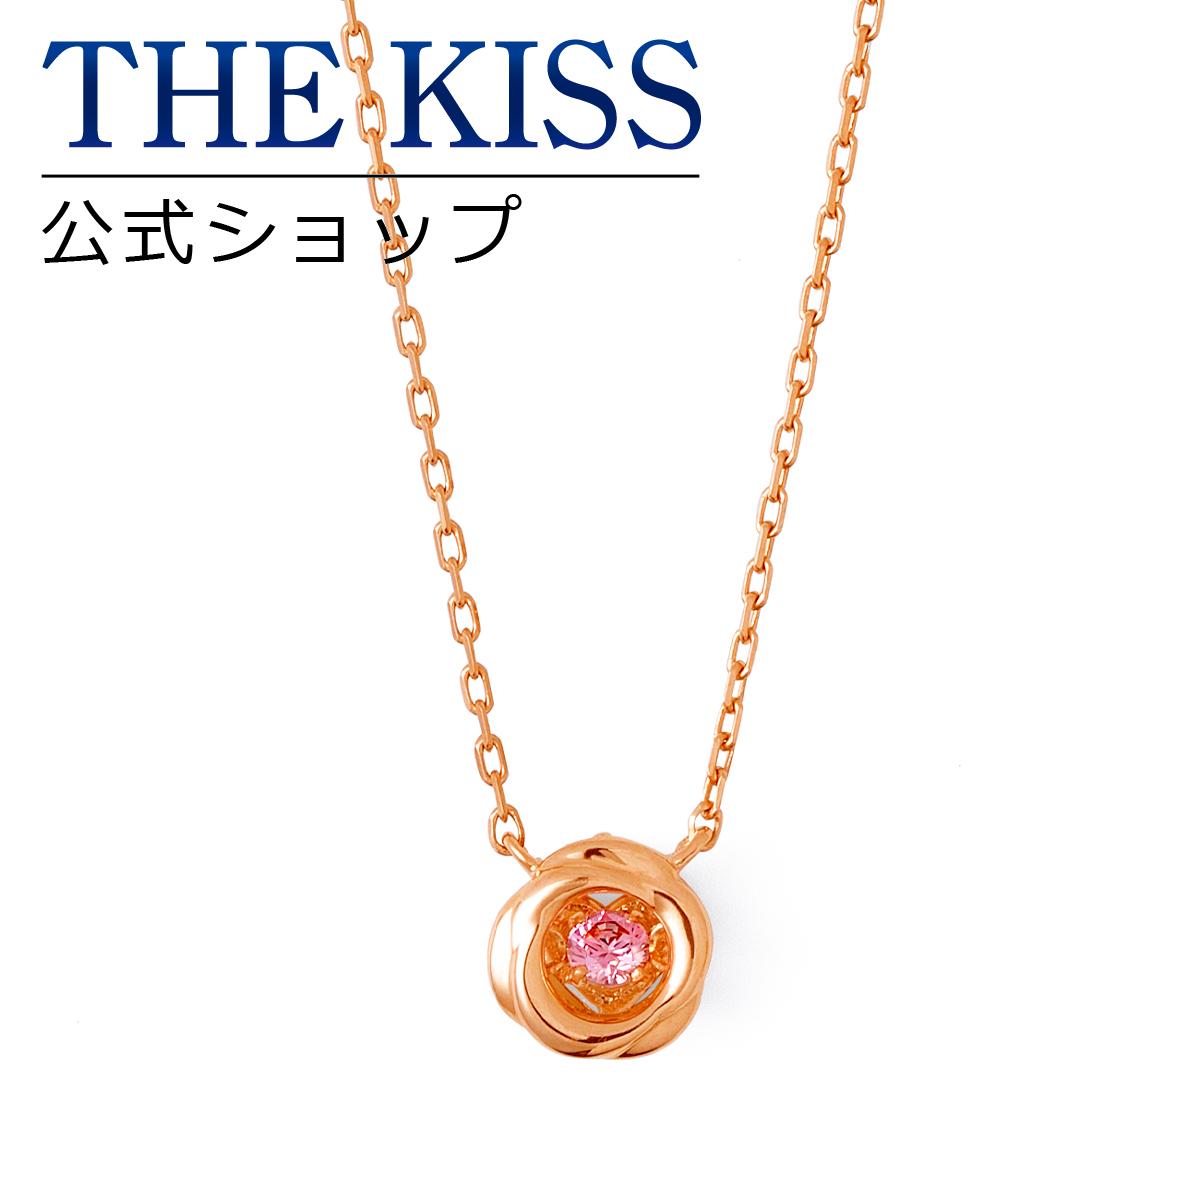 【あす楽対応】THE KISS 公式サイト シルバー ネックレス レディースジュエリー・アクセサリー ジュエリーブランド THEKISS ネックレス・ペンダント 記念日 プレゼント SPD5000CB ザキス 【送料無料】